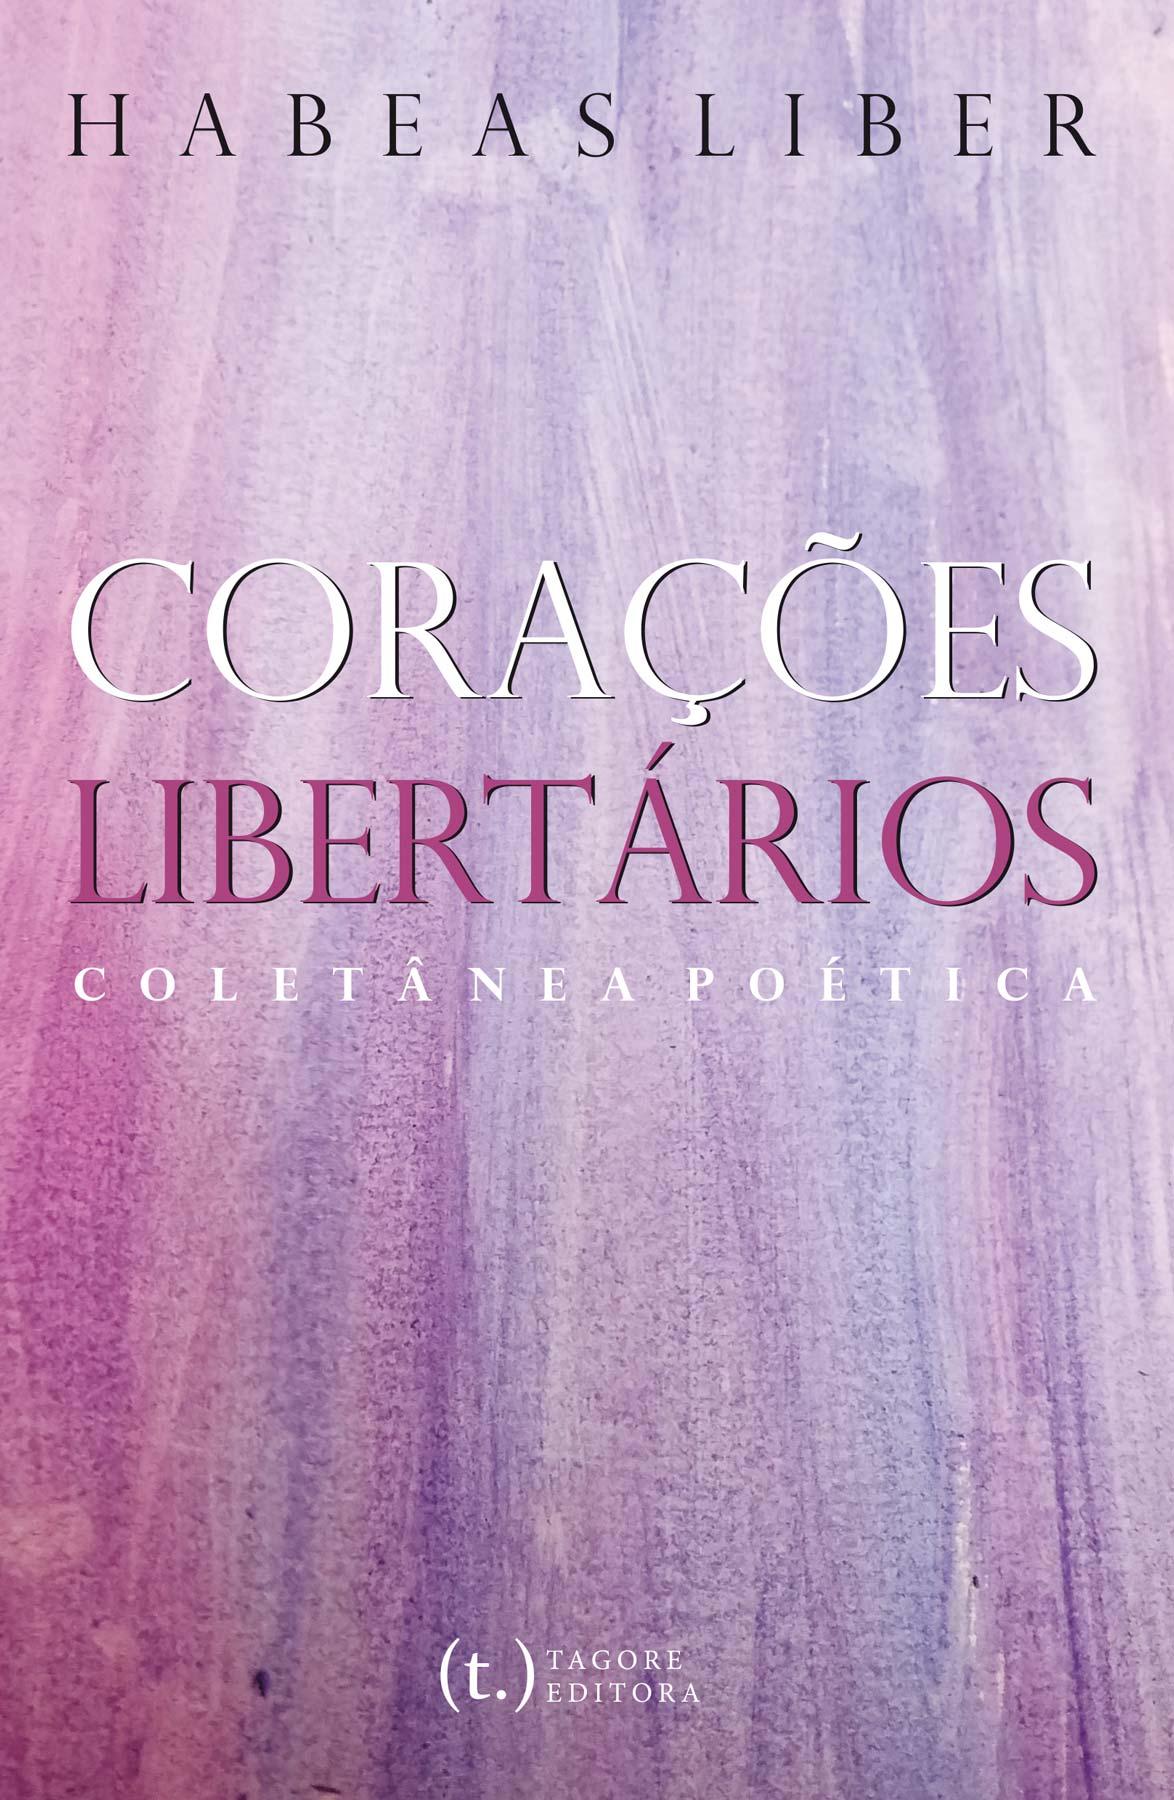 Corações Libertários - Coletânea Poética